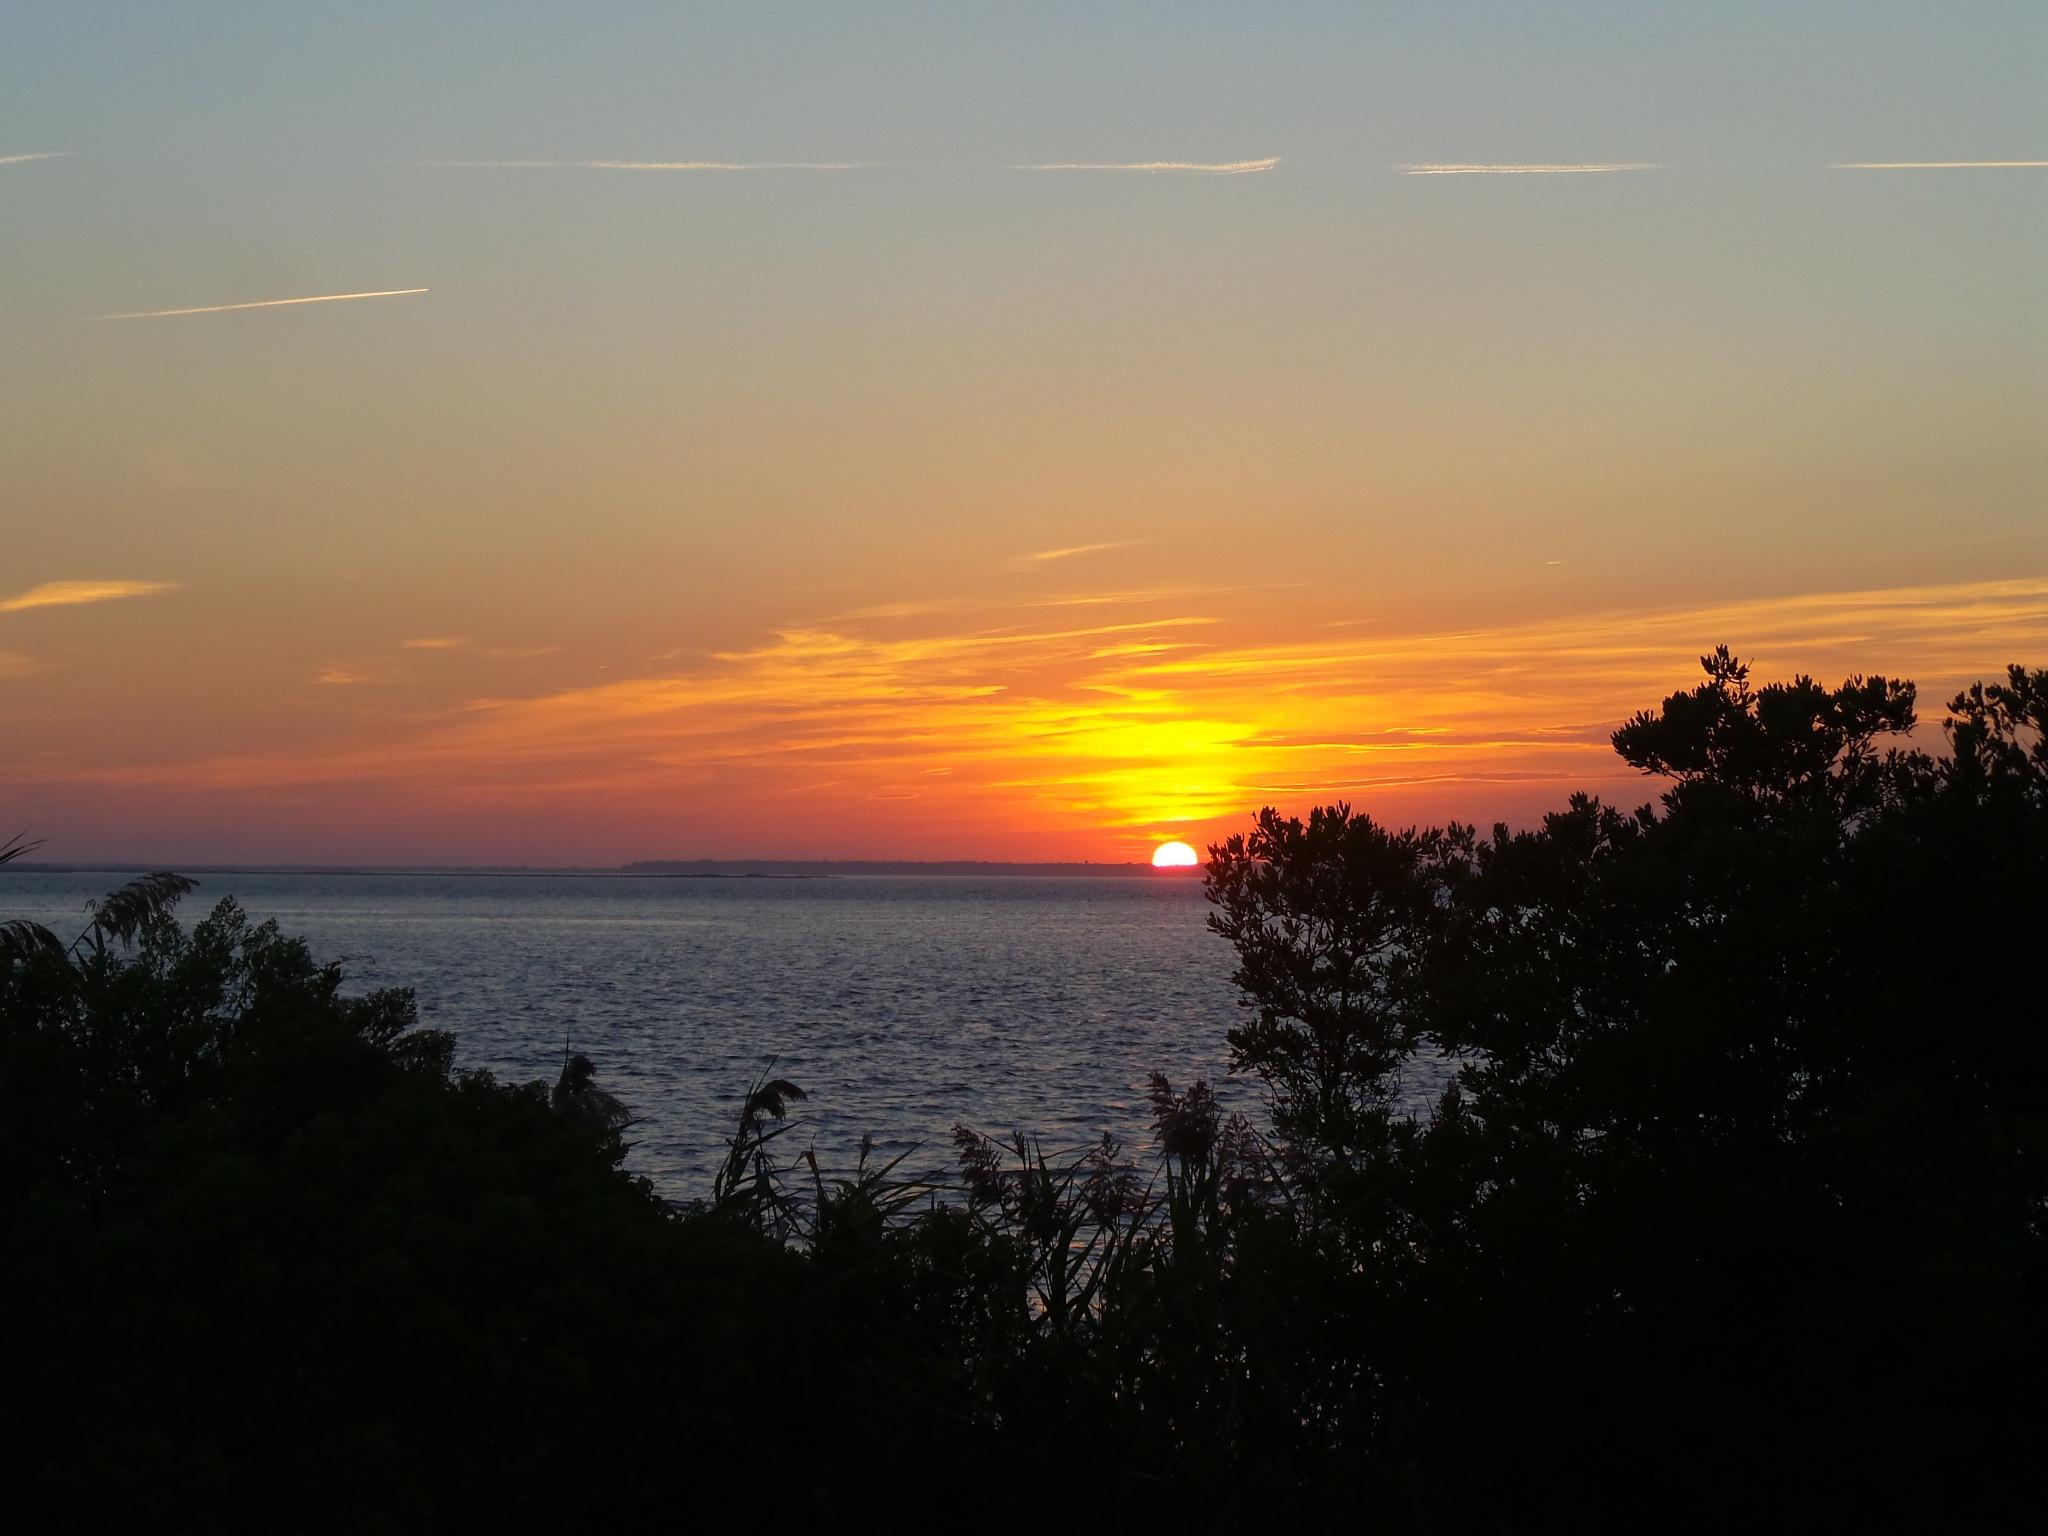 Sunset September by Laura J. Serpentelli